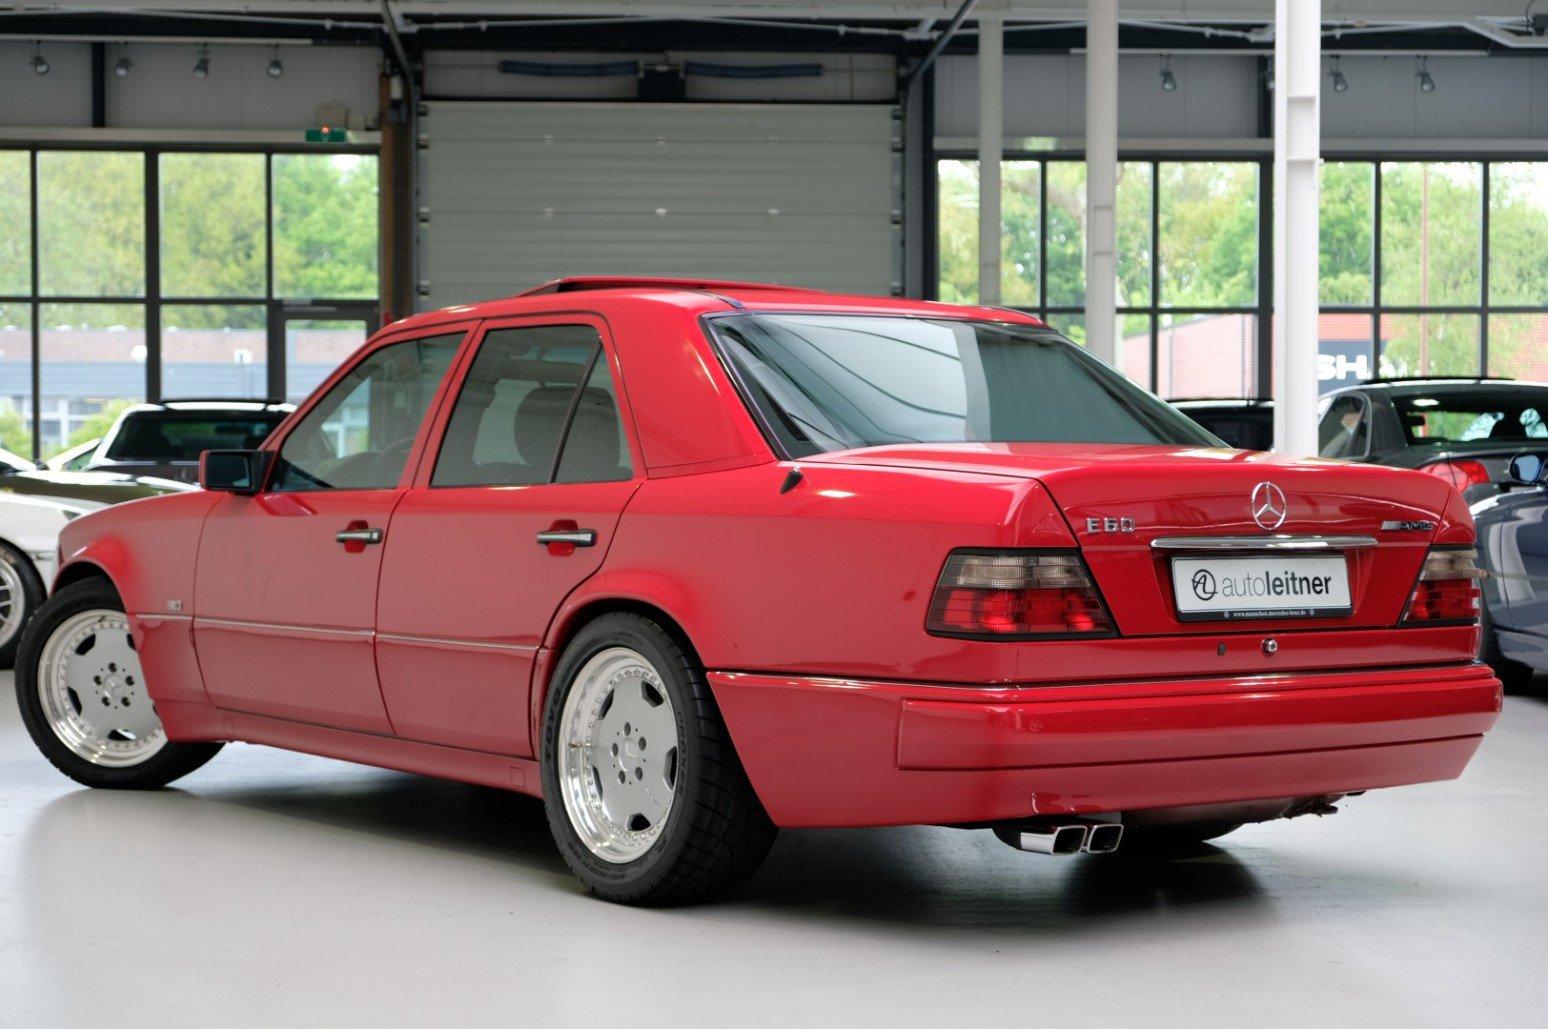 Mercedes-Benz-E60-AMG-anh-2